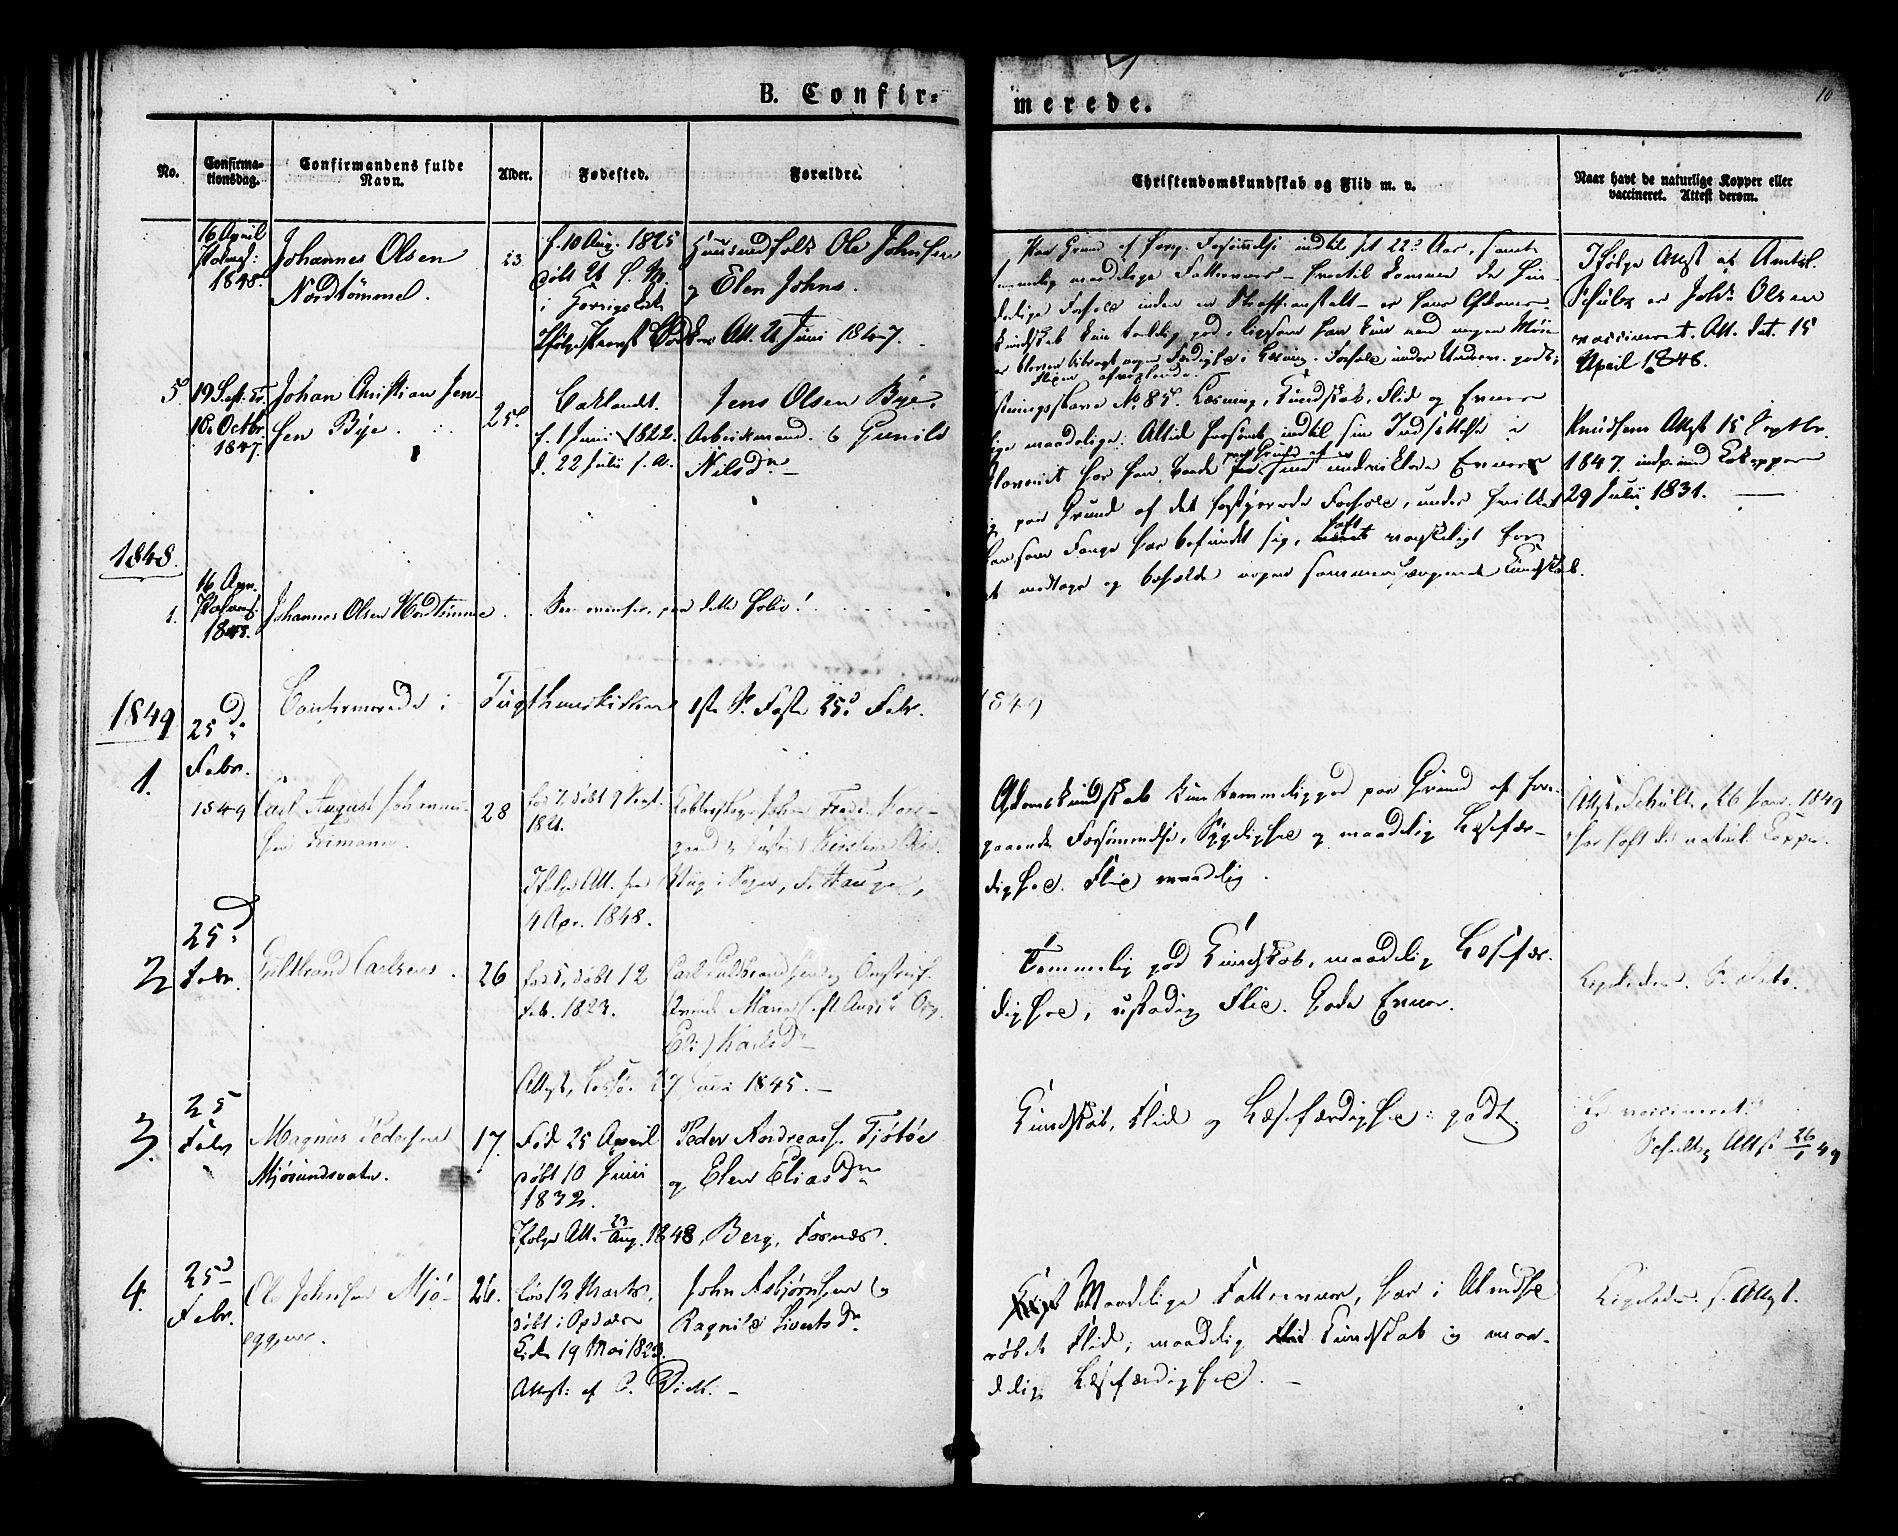 SAT, Ministerialprotokoller, klokkerbøker og fødselsregistre - Sør-Trøndelag, 624/L0480: Ministerialbok nr. 624A01, 1841-1864, s. 10